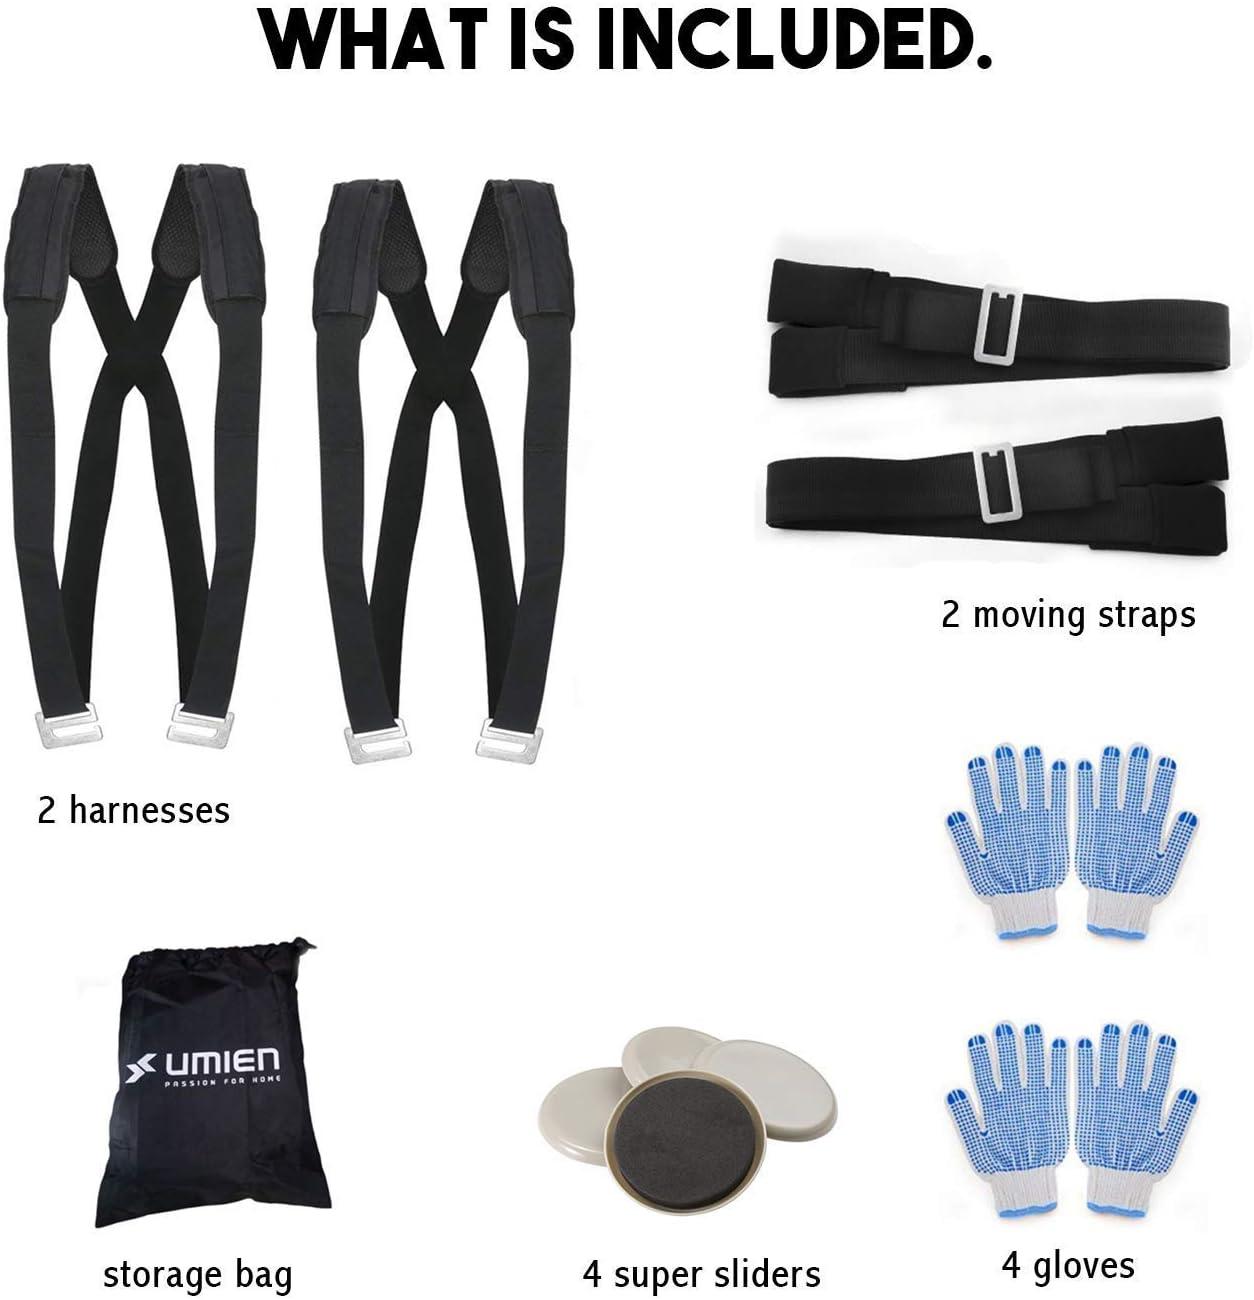 materiales de construcci/ón u otras correas de transporte pesadas y voluminosas con guantes colchones Correas de elevaci/ón y movimiento ajustables de 2 paquetes para muebles cajas